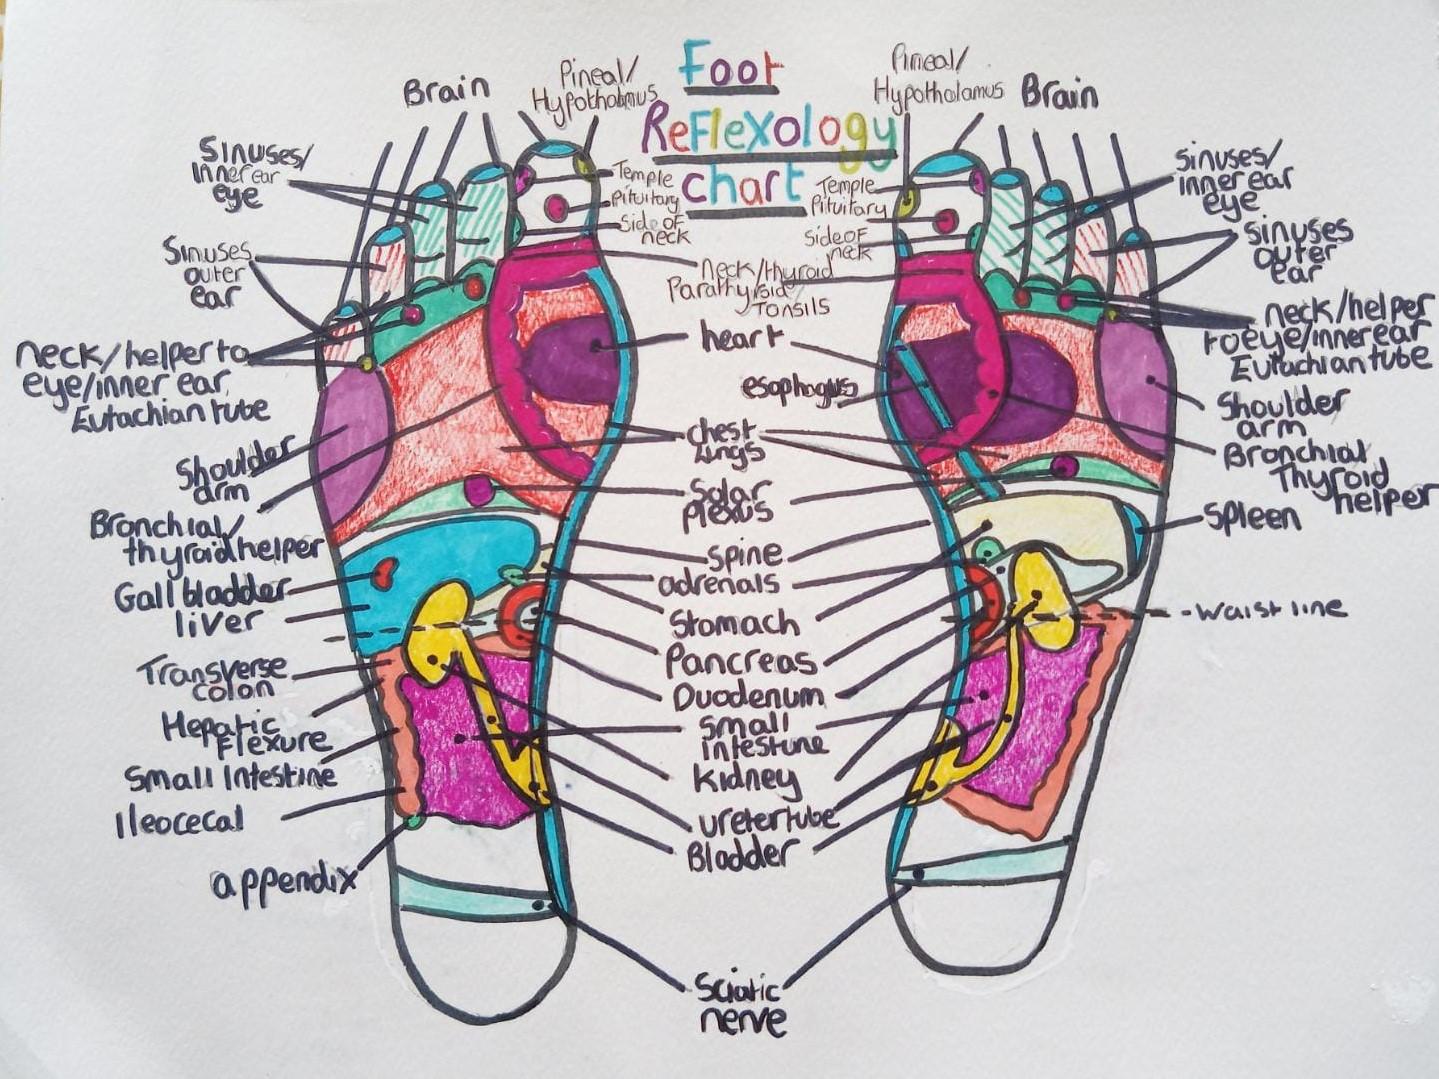 Reflexology diagram - feet